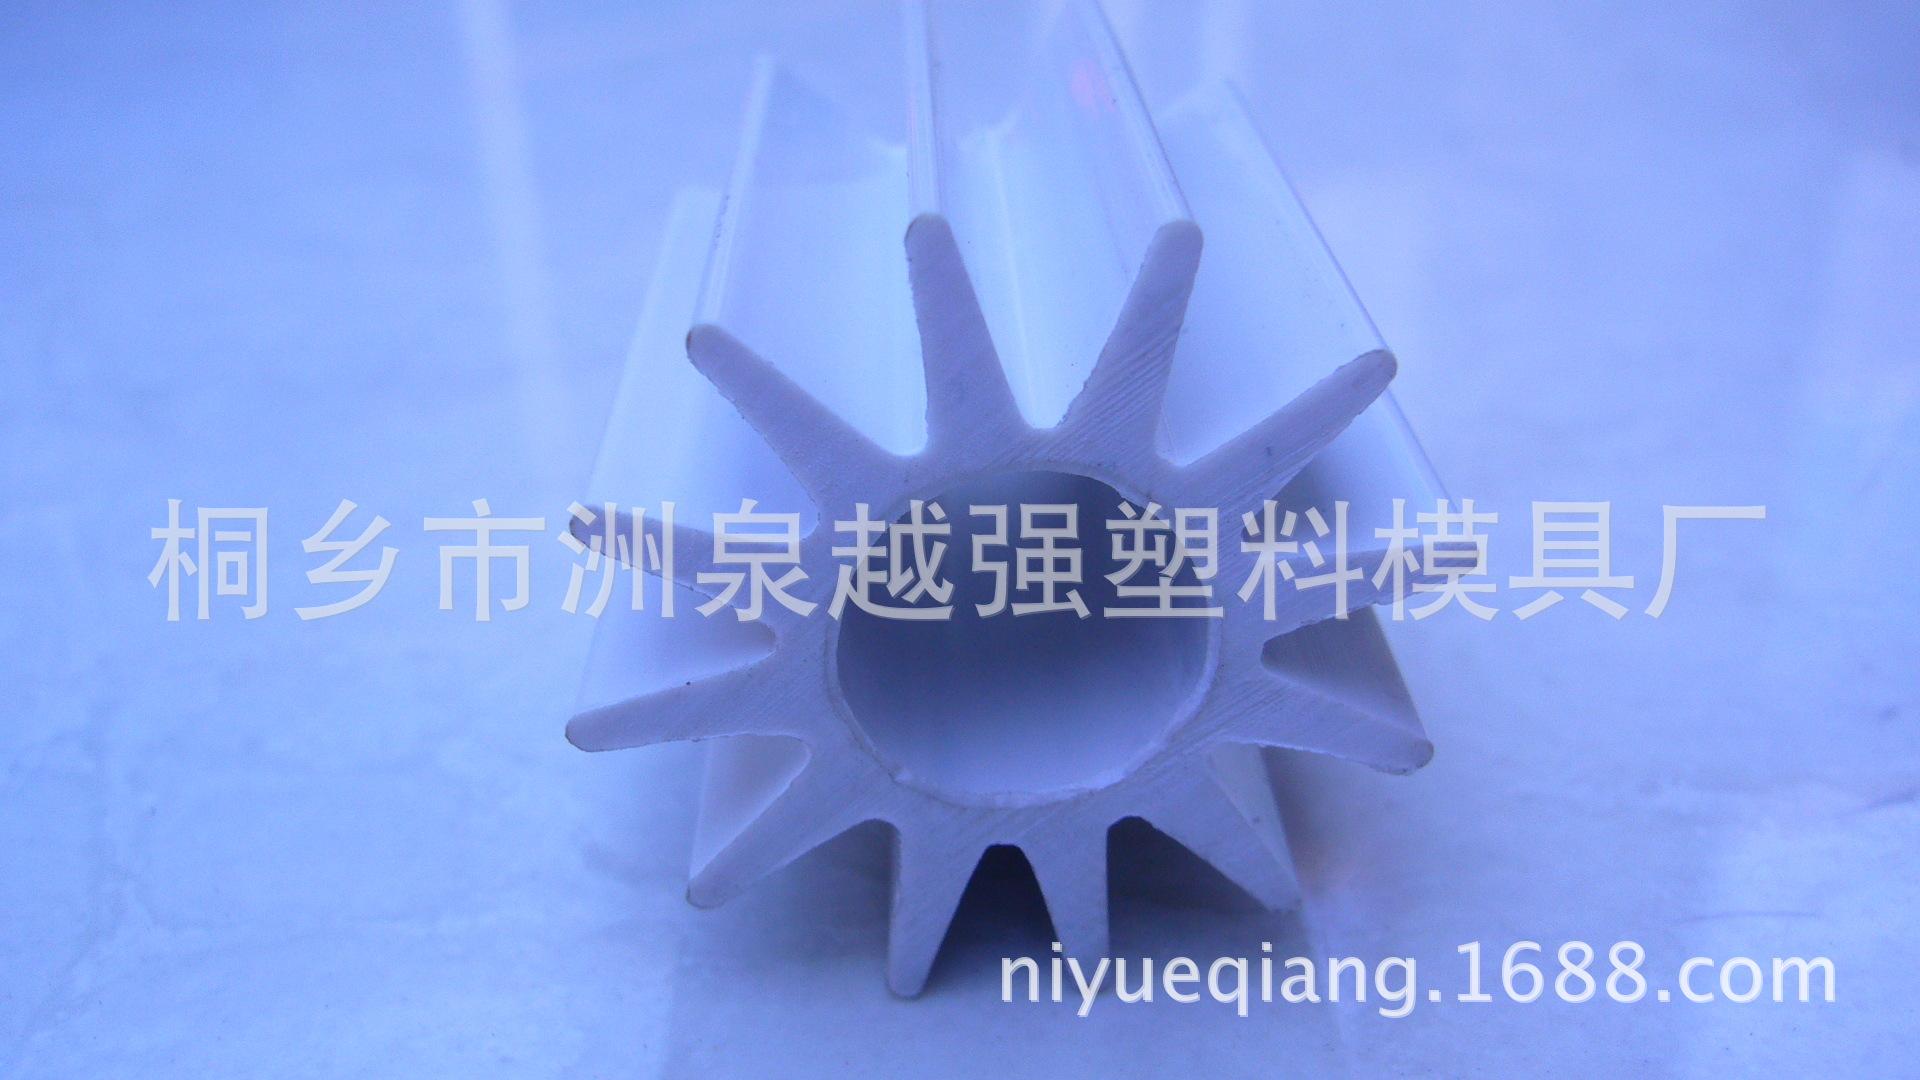 供应茶几 家具 餐桌立柱塑料型材 PVC异型管 挤出模具 挤塑加工